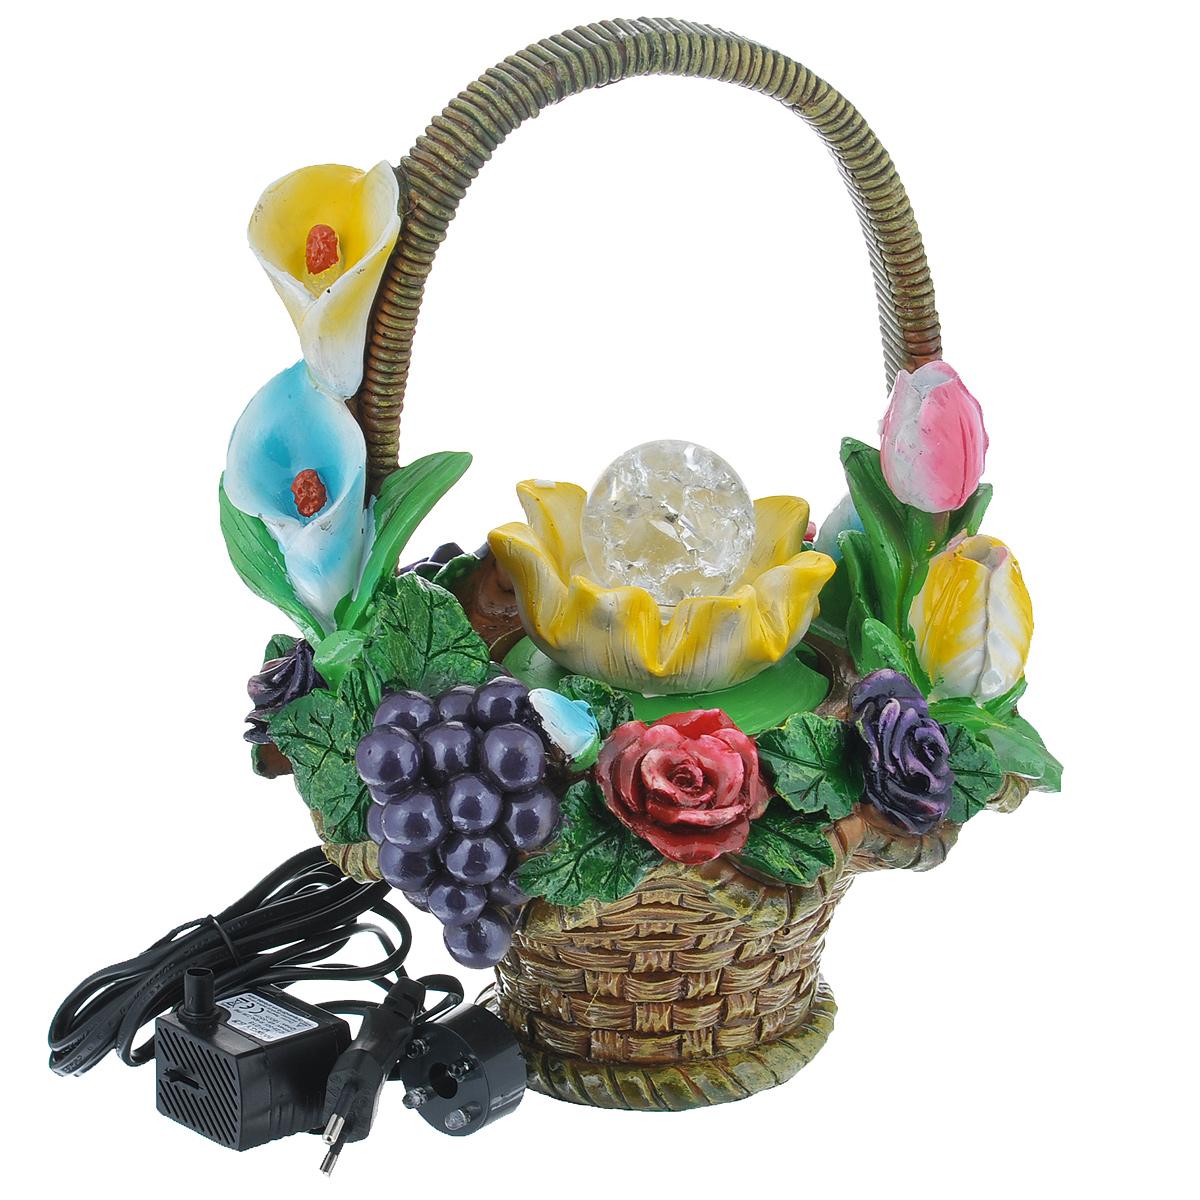 Фонтан Sima-land Корзина: фрукты и цветыPH7242Фонтан Sima-land Корзина: фрукты и цветы изготовлен из высококачественного полистоуна. Фонтан выполнен в виде композиции из плетеной корзины с фруктами и цветами. Журчание и вид воды, стекающей струями из миниатюрного фонтана, могут изменить облик вашего дома и сада, создавая атмосферу покоя. Вода в фонтане циркулирует при помощи электрического погружного центробежного насоса, входящего в комплект. Интерьерный фонтан хорошо увлажняет воздух, благотворно воздействуя на наш организм и создавая здоровый климат. УВАЖАЕМЫЕ КЛИЕНТЫ! Обращаем ваше внимание на то, что фонтан работает от сети 220V.